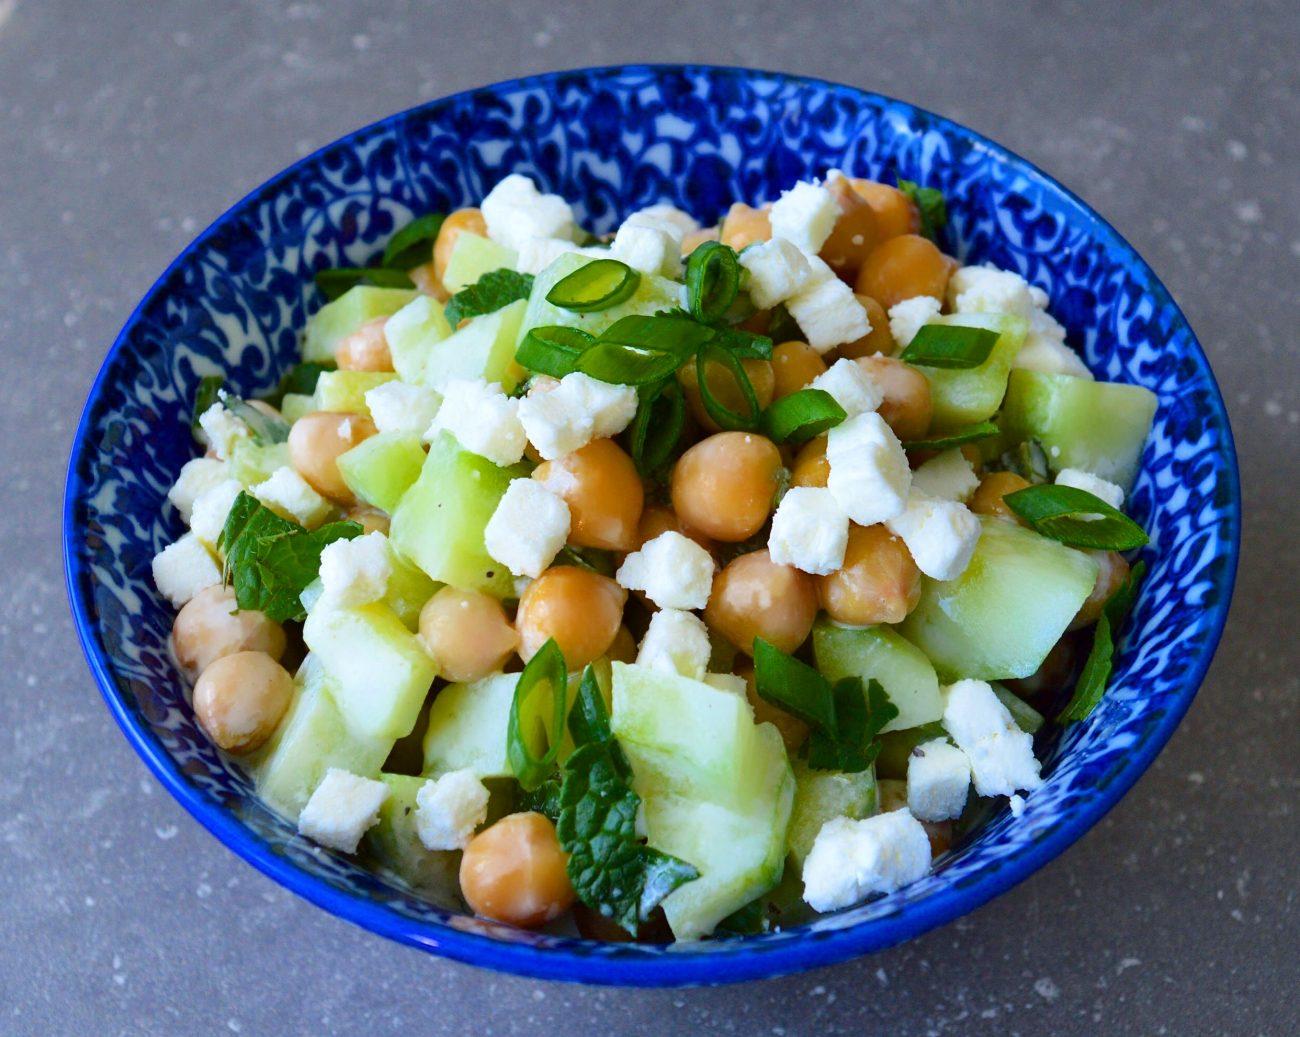 Salade d'été concombres, lime et menthe